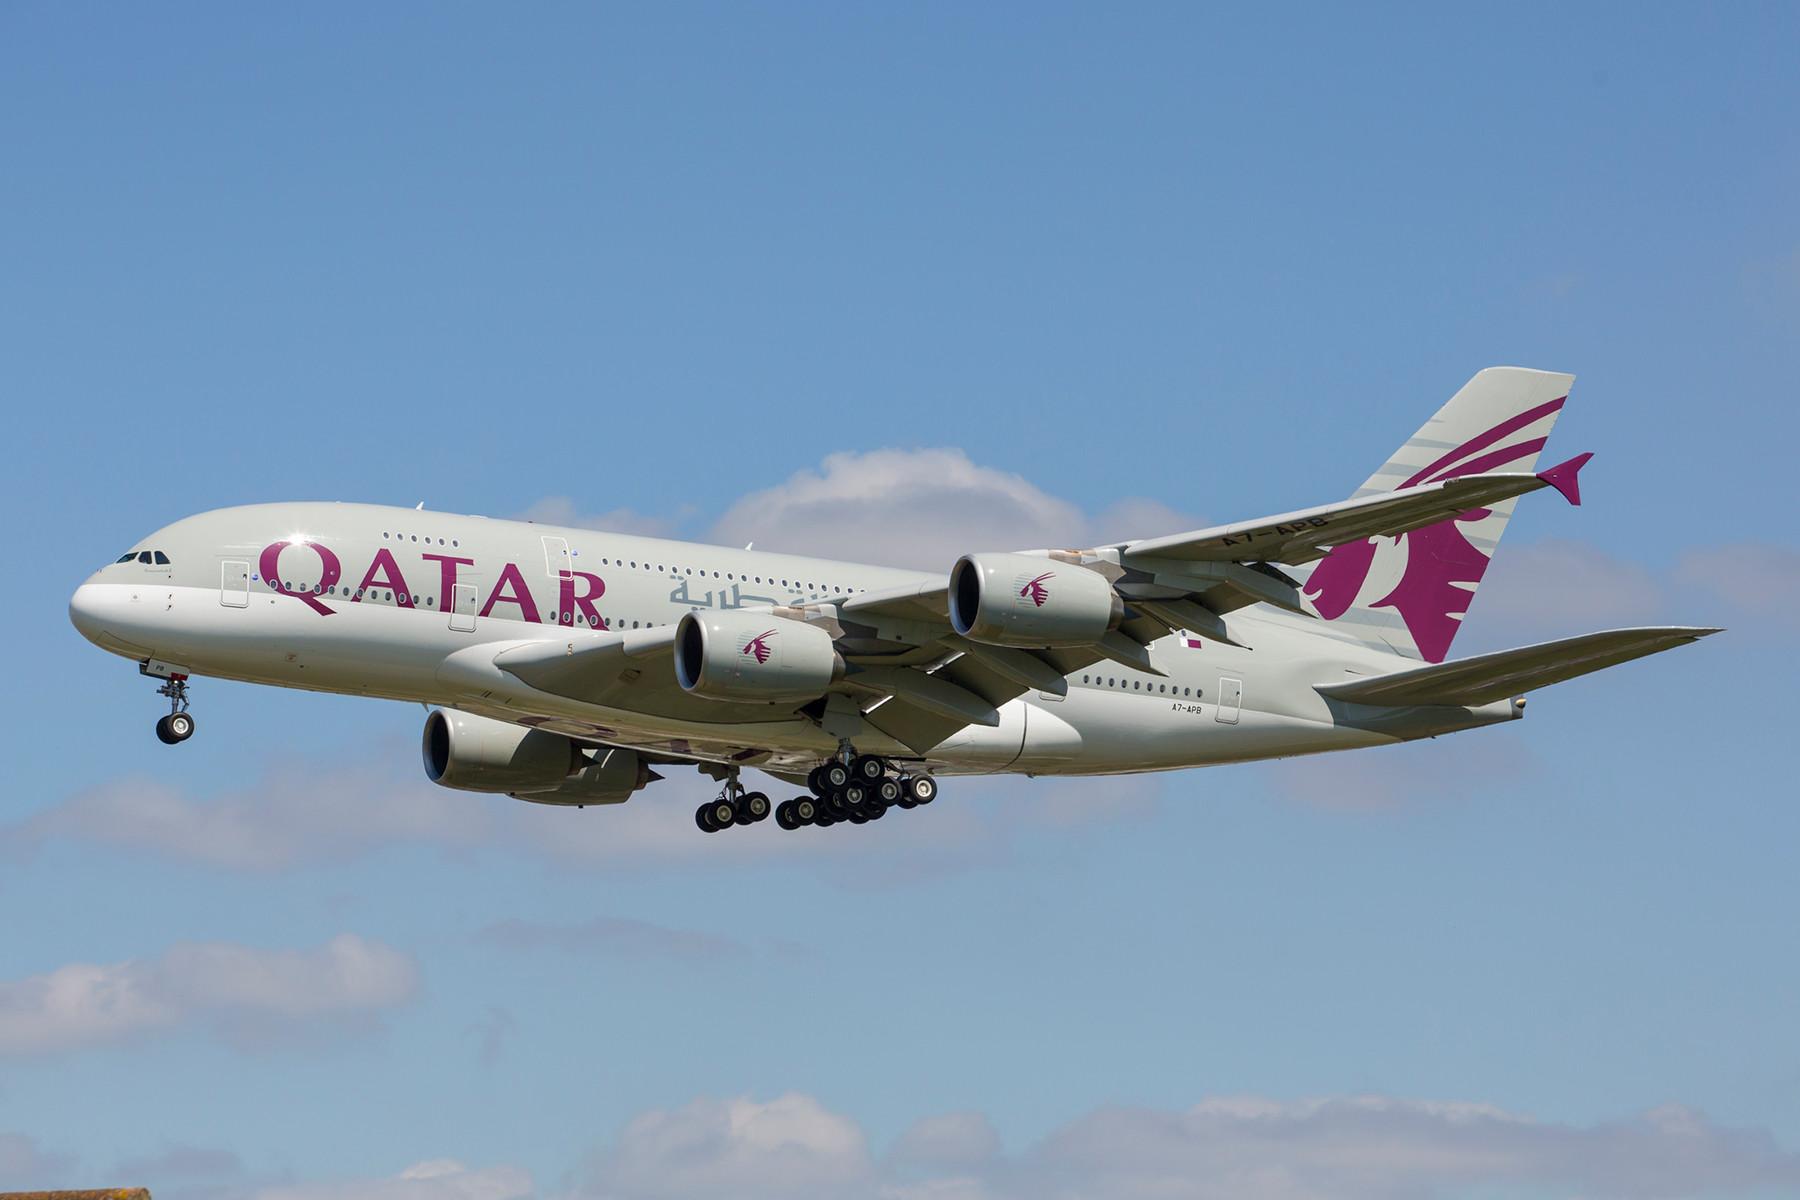 Qatar Airways fliegt neben der A 319 mit voller Business Class Bestuhlung ebenfalls mit einer A 380 am Tag nach London.